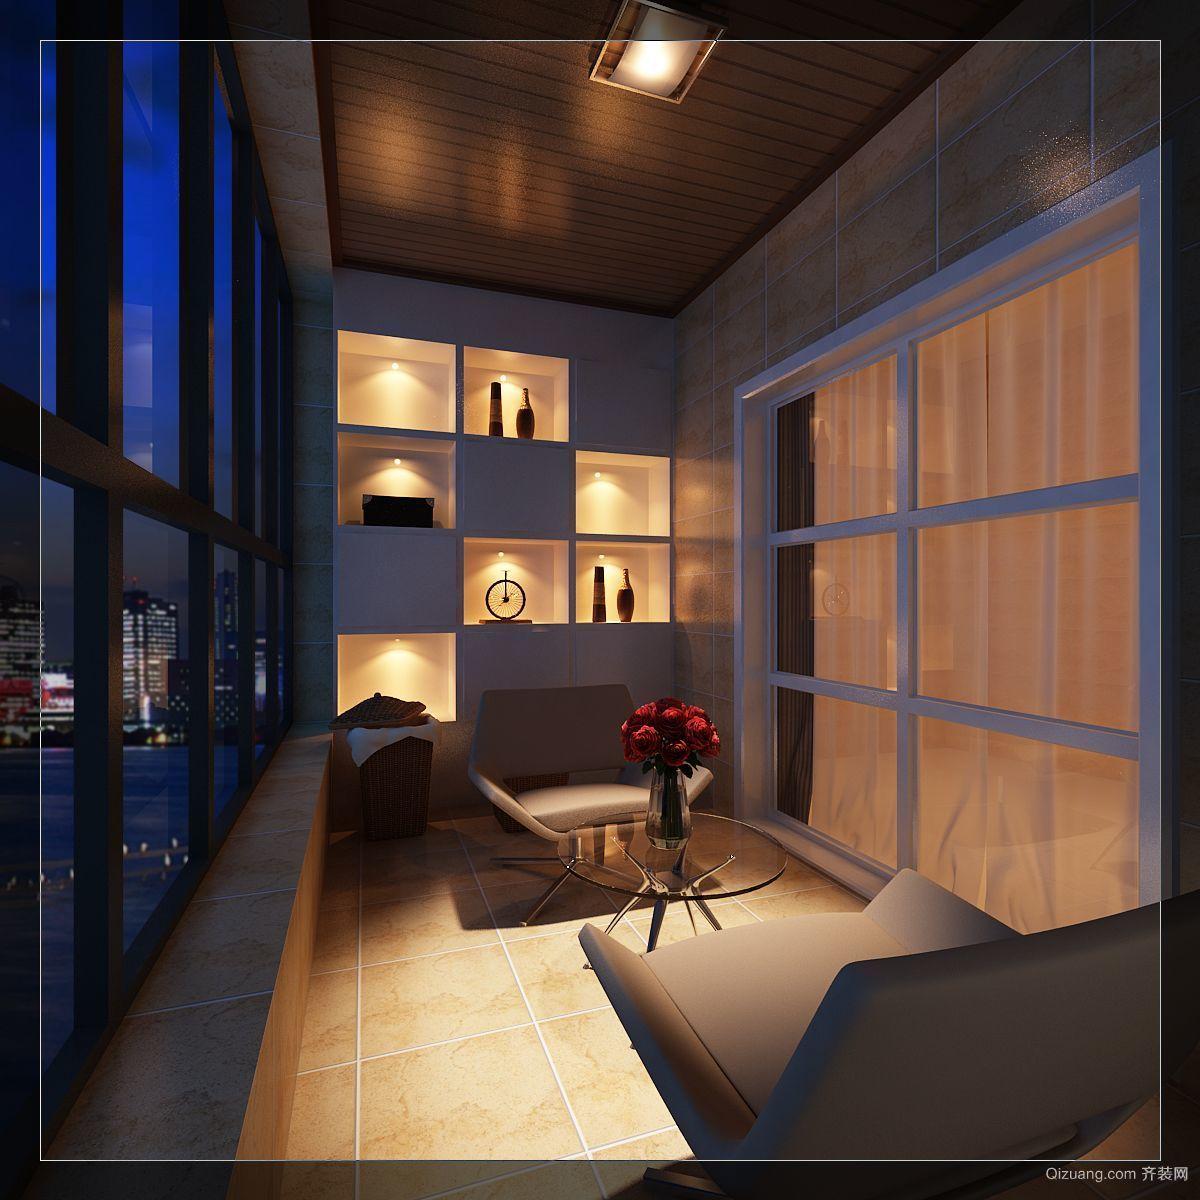 豪华型欧式别墅露台花园装修效果图